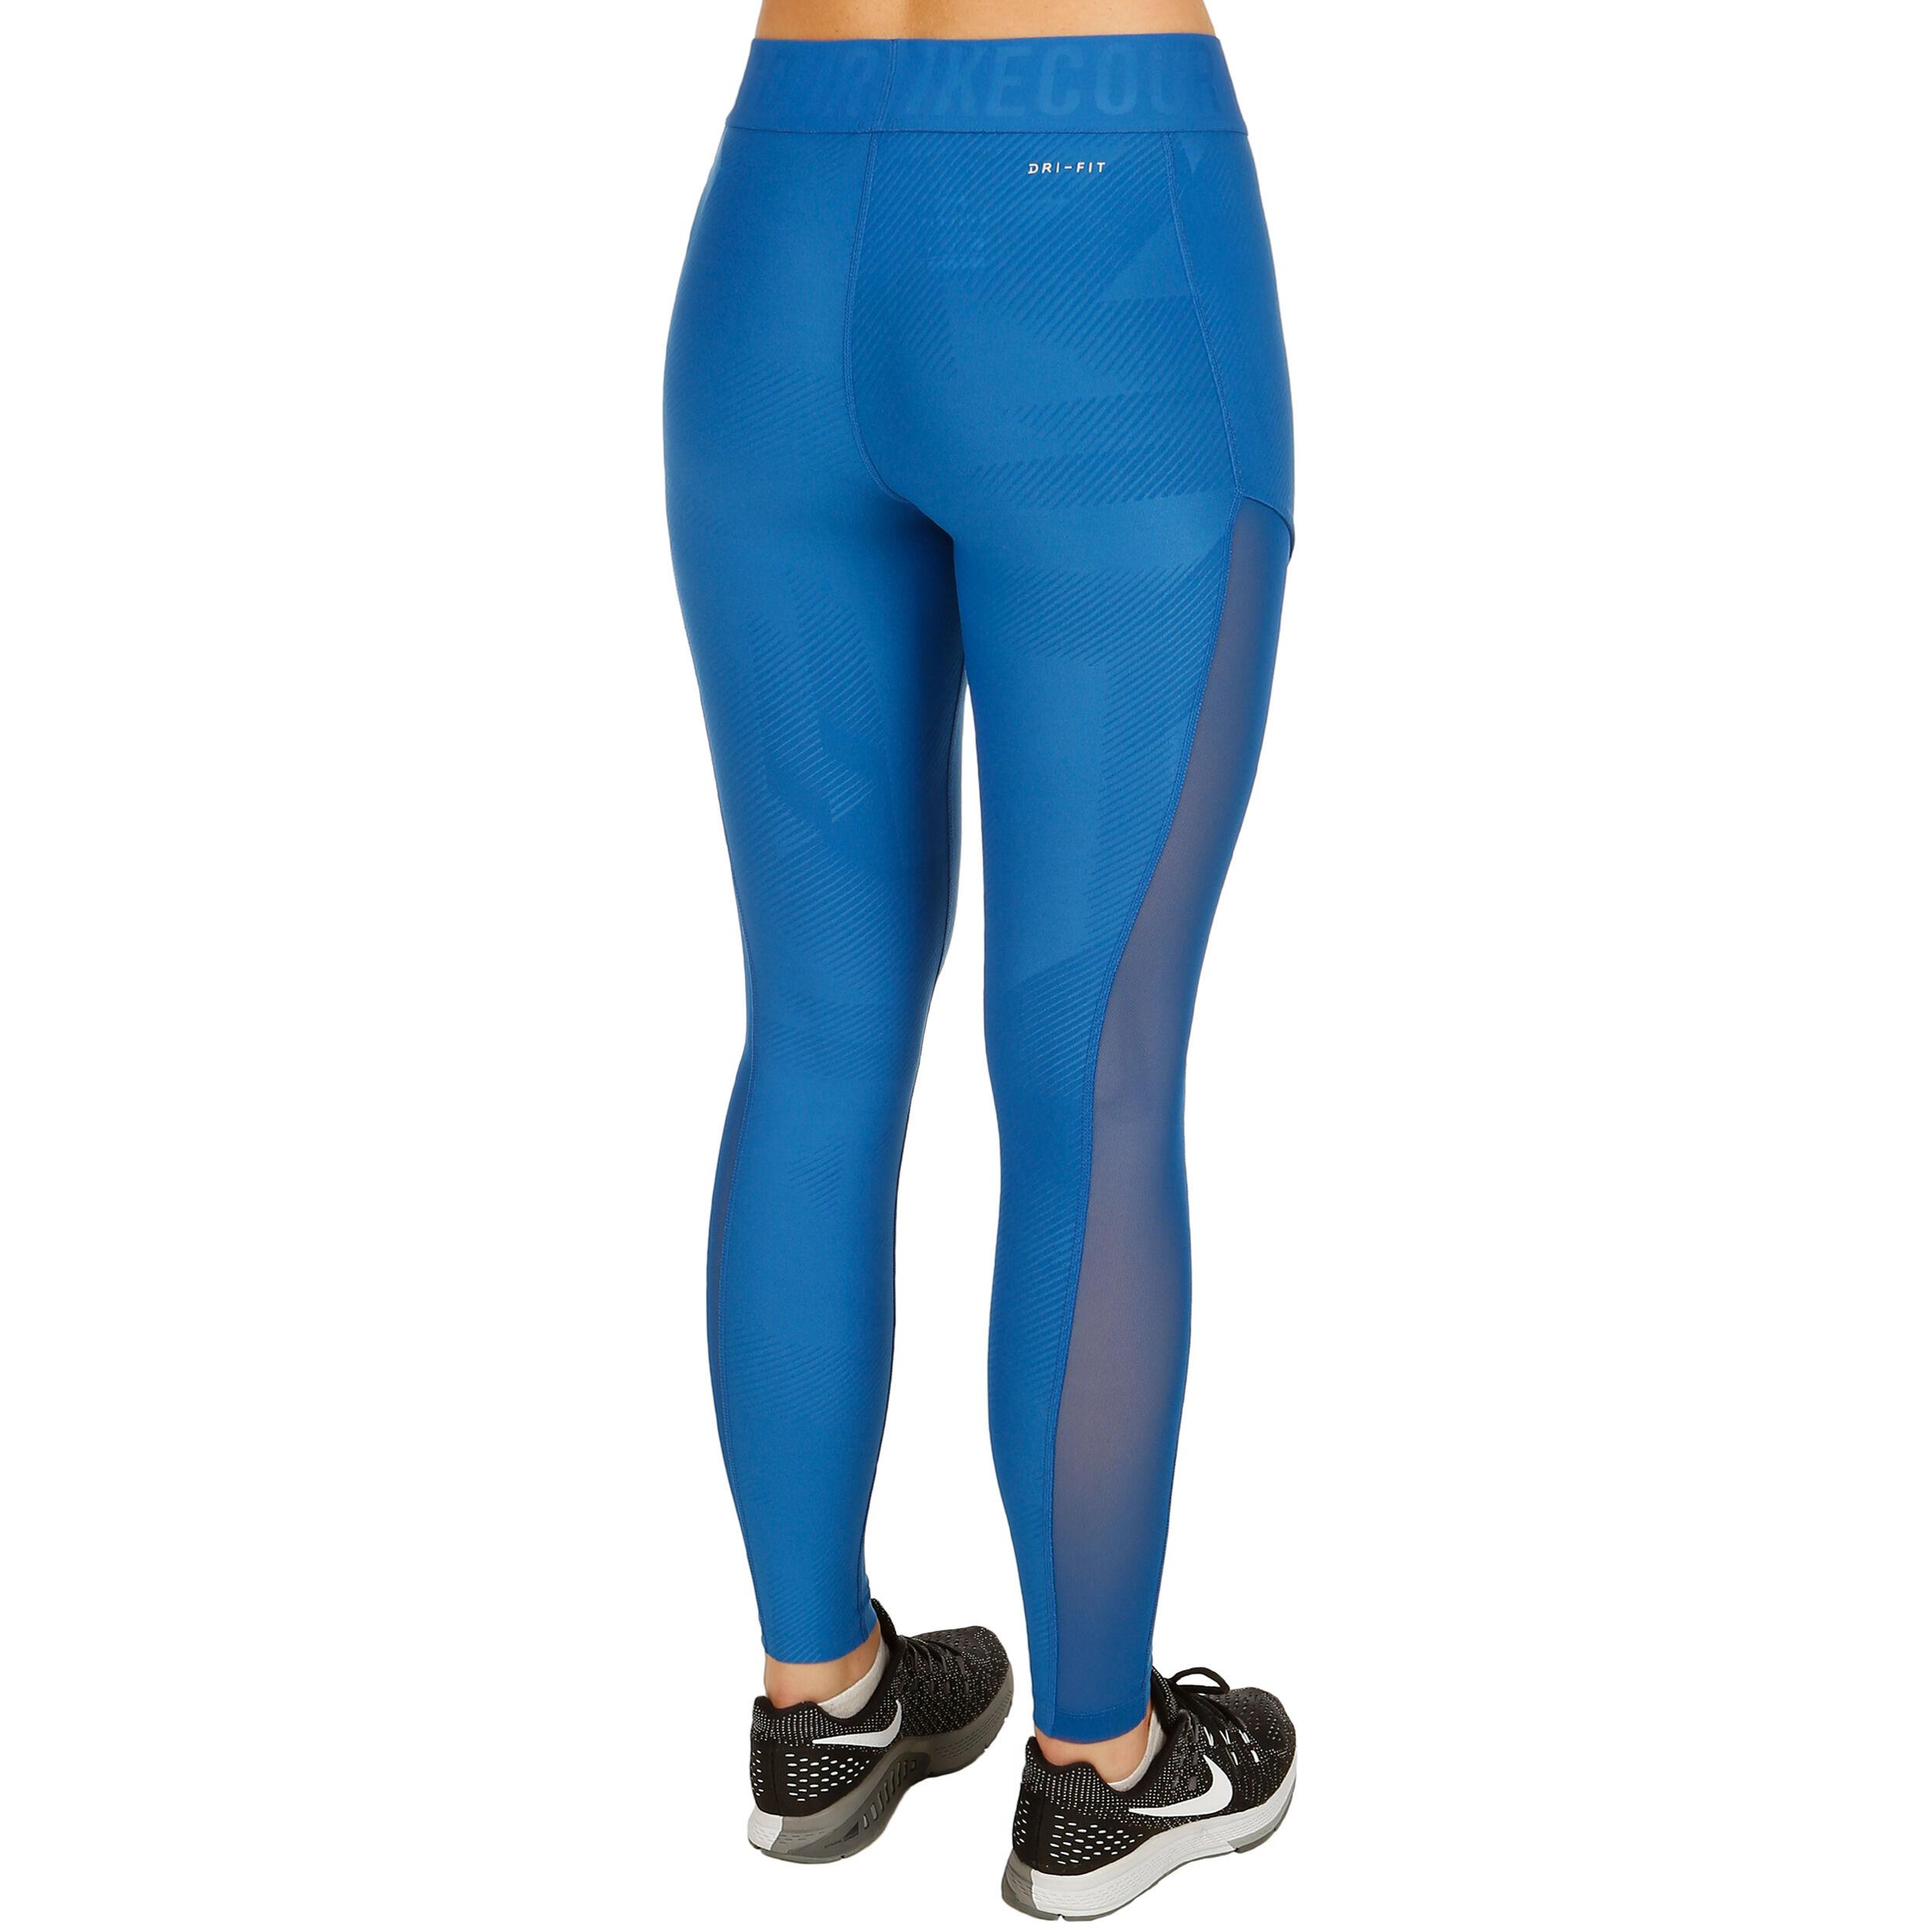 Nike Court Power Tight Damen Blau, Weiß online kaufen